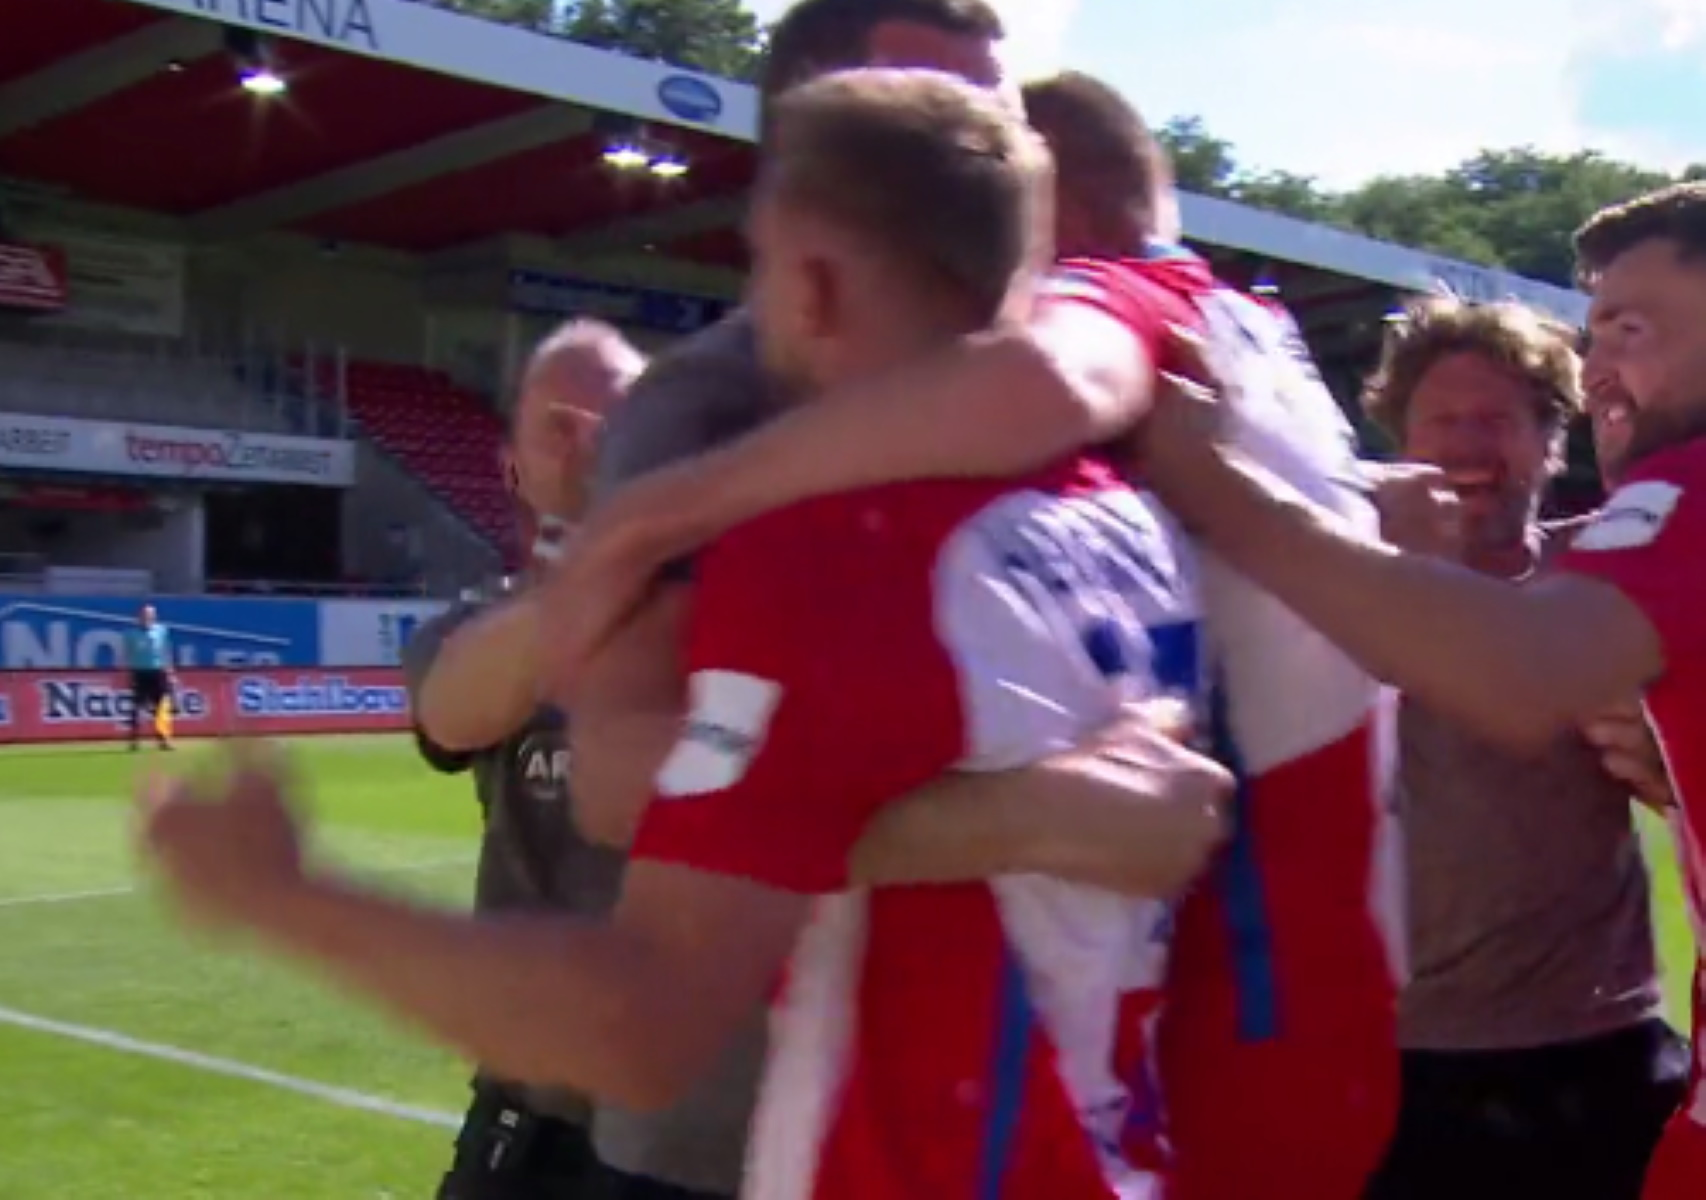 Το Αμβούργο έζησε το απόλυτο… δράμα τη στιγμή που η Στουτγκάρδη επέστρεψε στην Bundesliga (video)